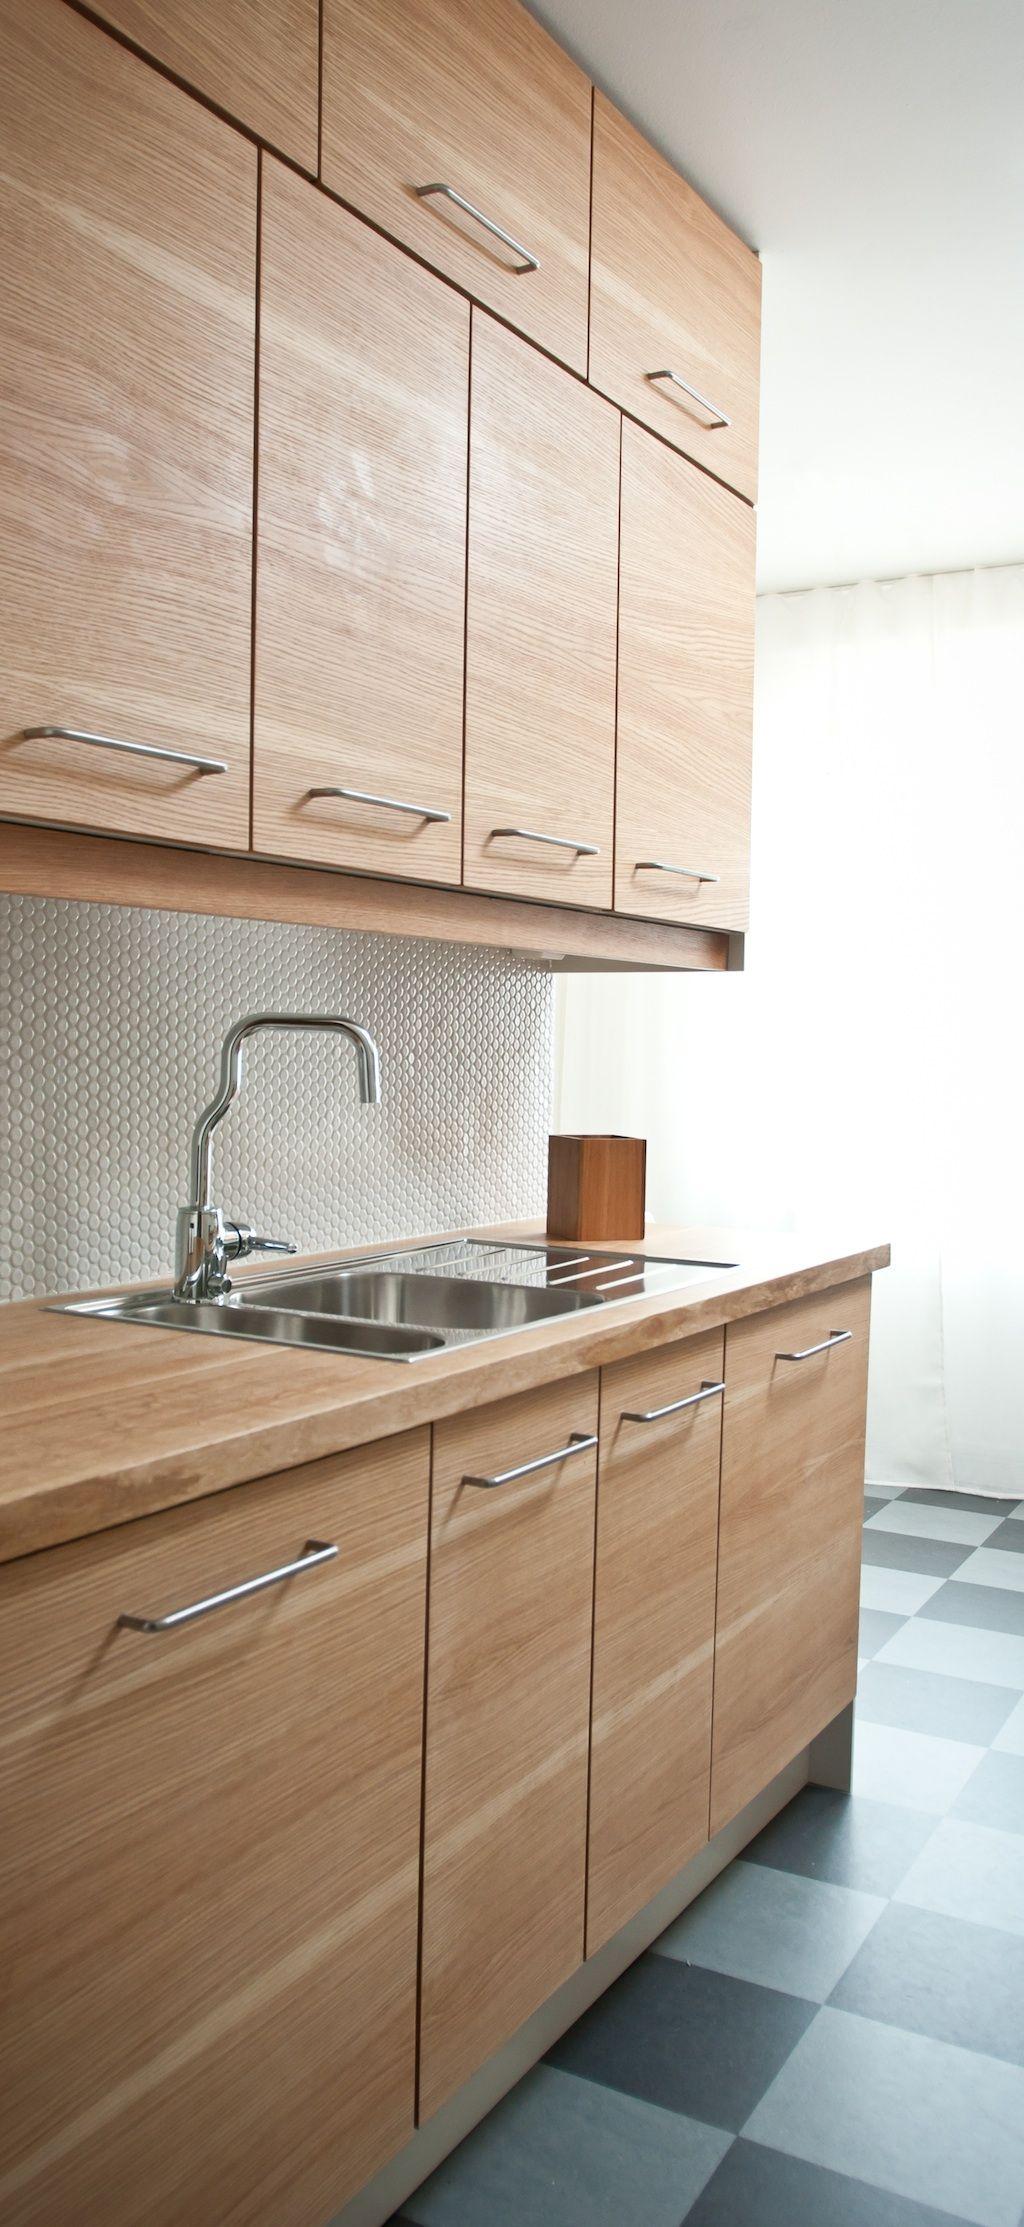 keittiön kaapit  e2c411be2d